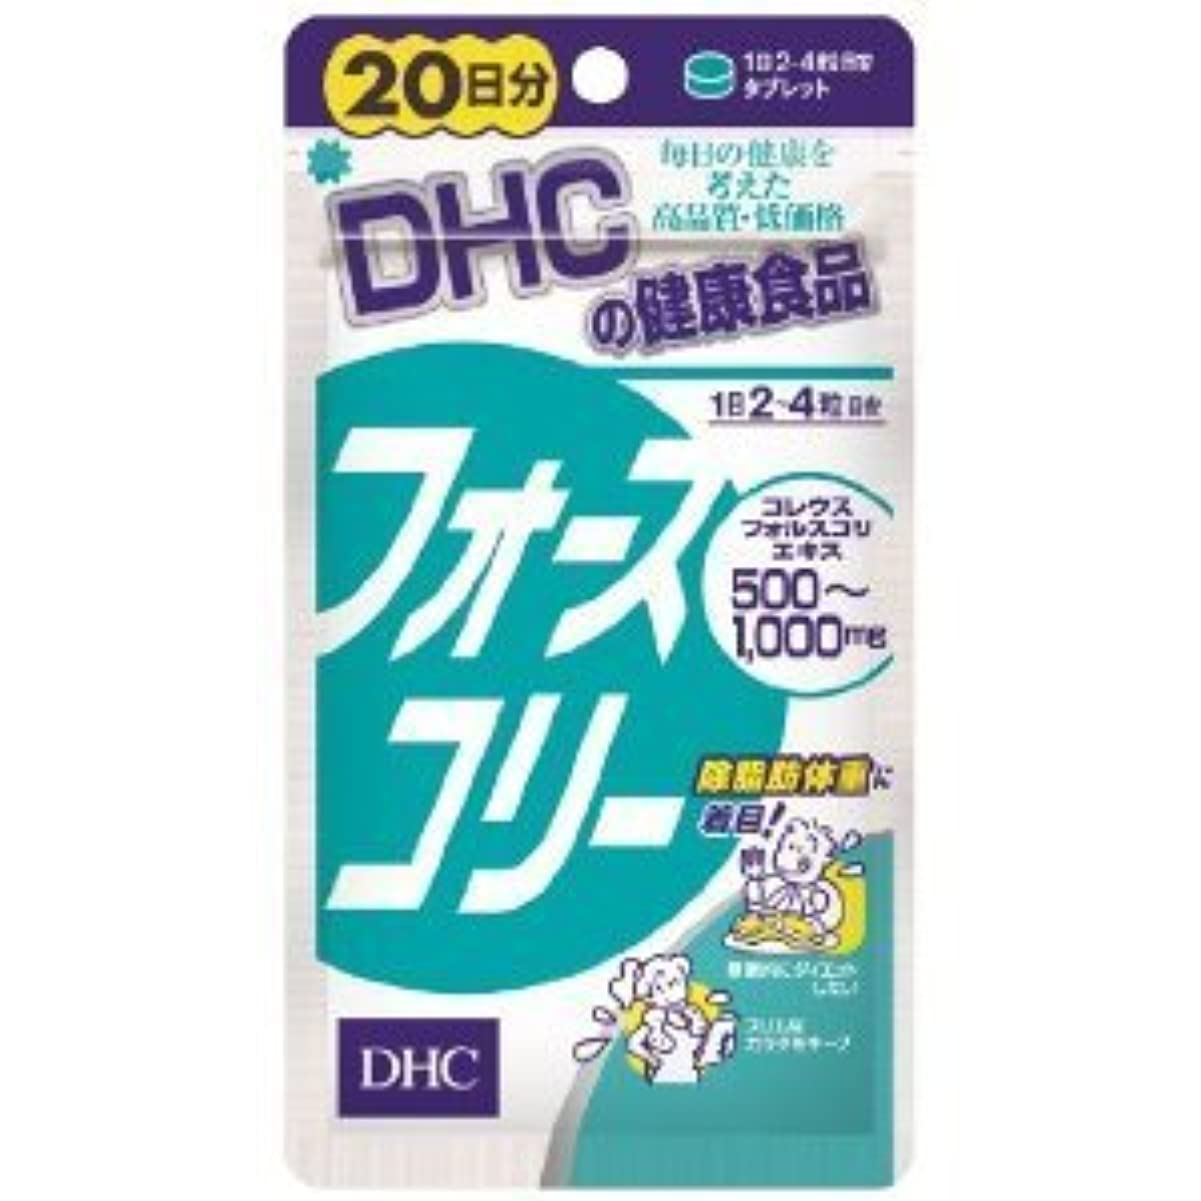 スナッチ記念悪夢DHC フォースコリー 80粒 20日分 賞味期限 201604